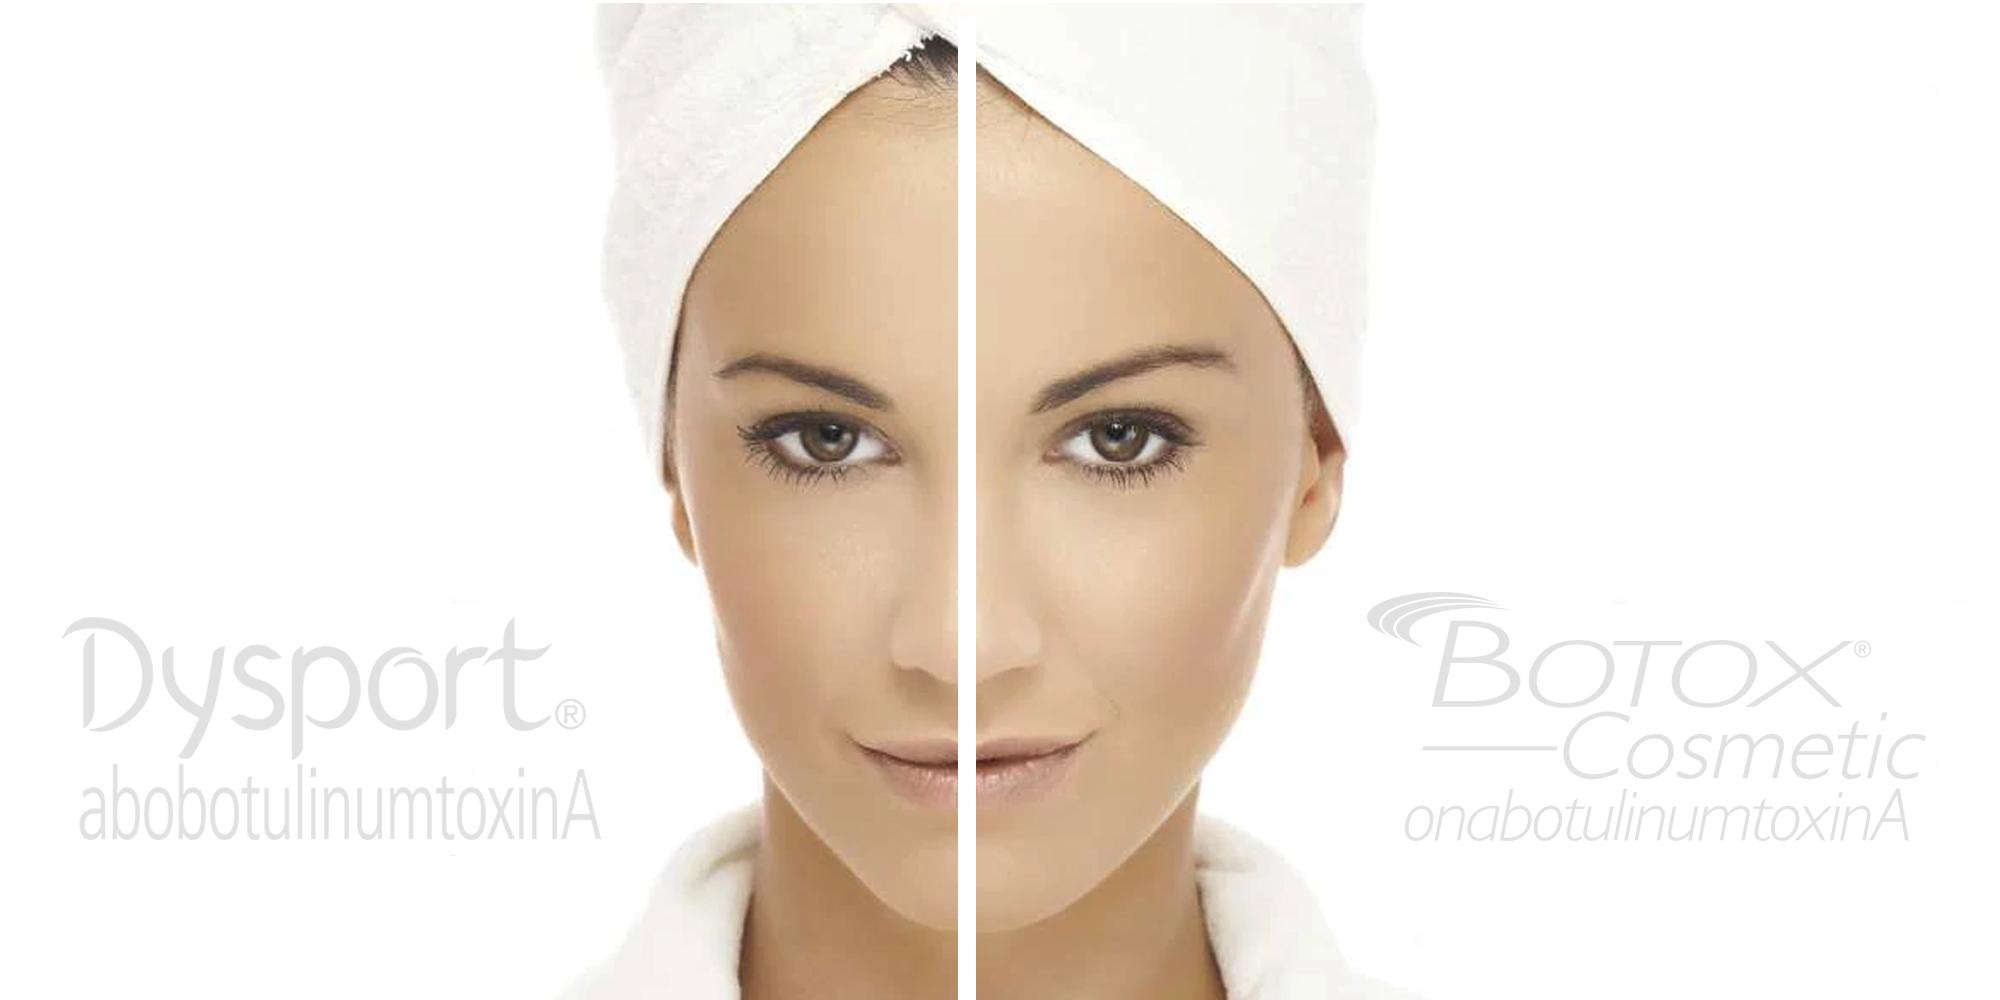 dysport vs botox retief skin center nashville s best dermatologist cosmetic dermatology team [ 2000 x 1000 Pixel ]